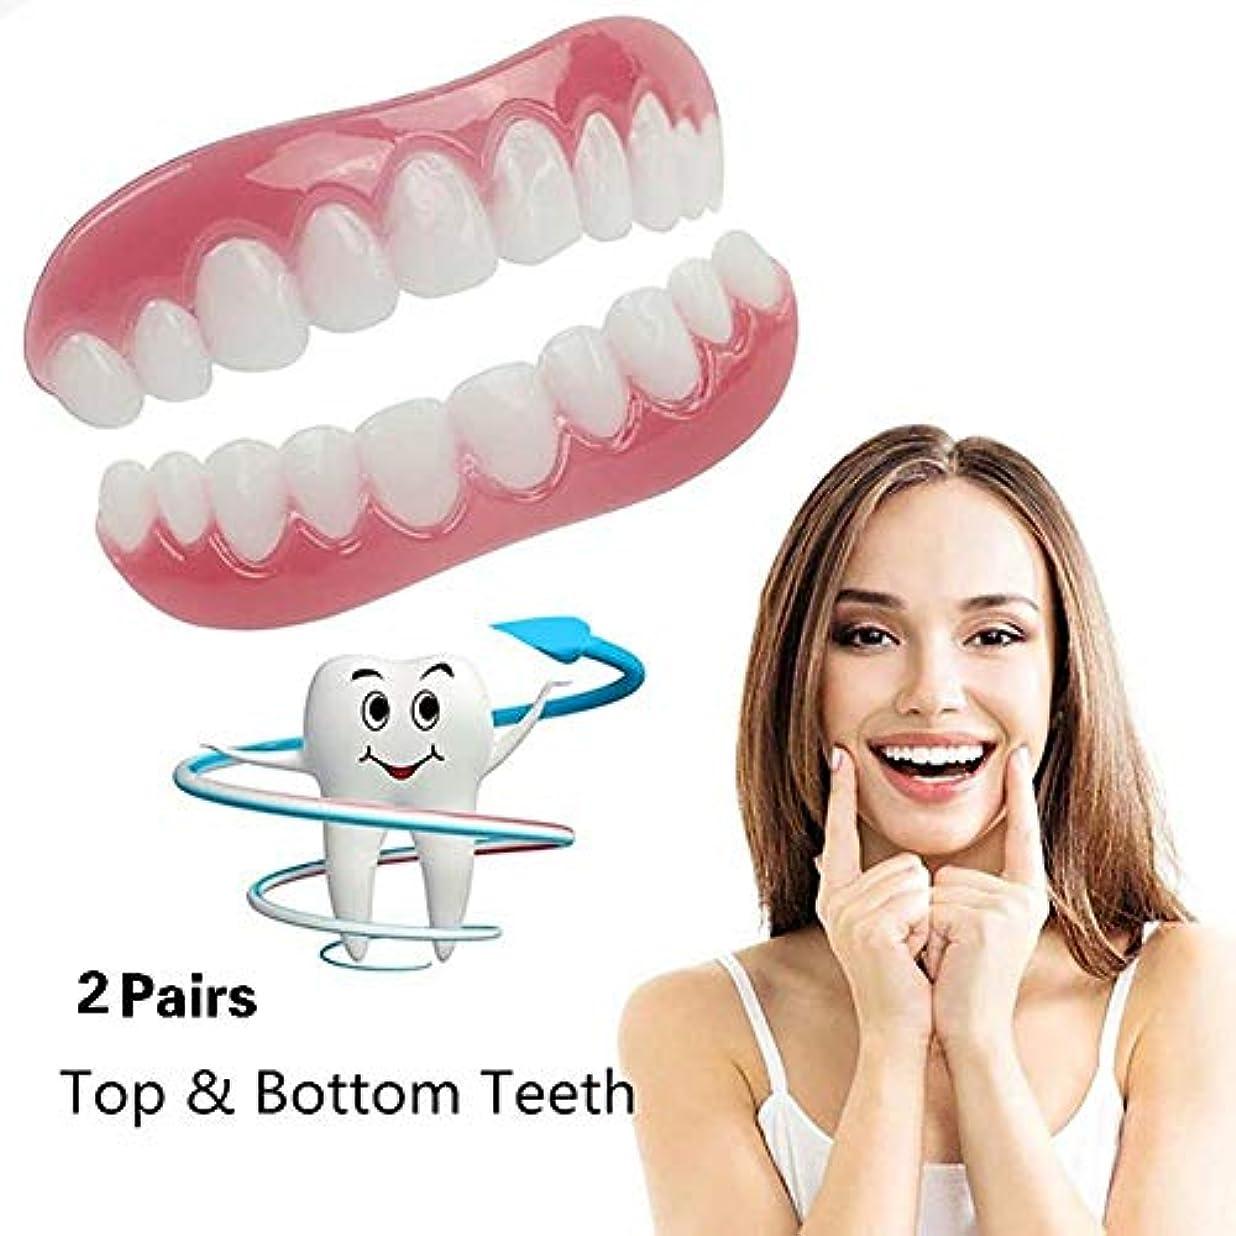 花ピッチクッションのシリコーンの歯のベニヤの歯の快適さのフィットフレックス化粧品の歯義歯の歯のトップとボトム化粧品のベニヤのシミュレーションのブレースワンサイズフィットすべて